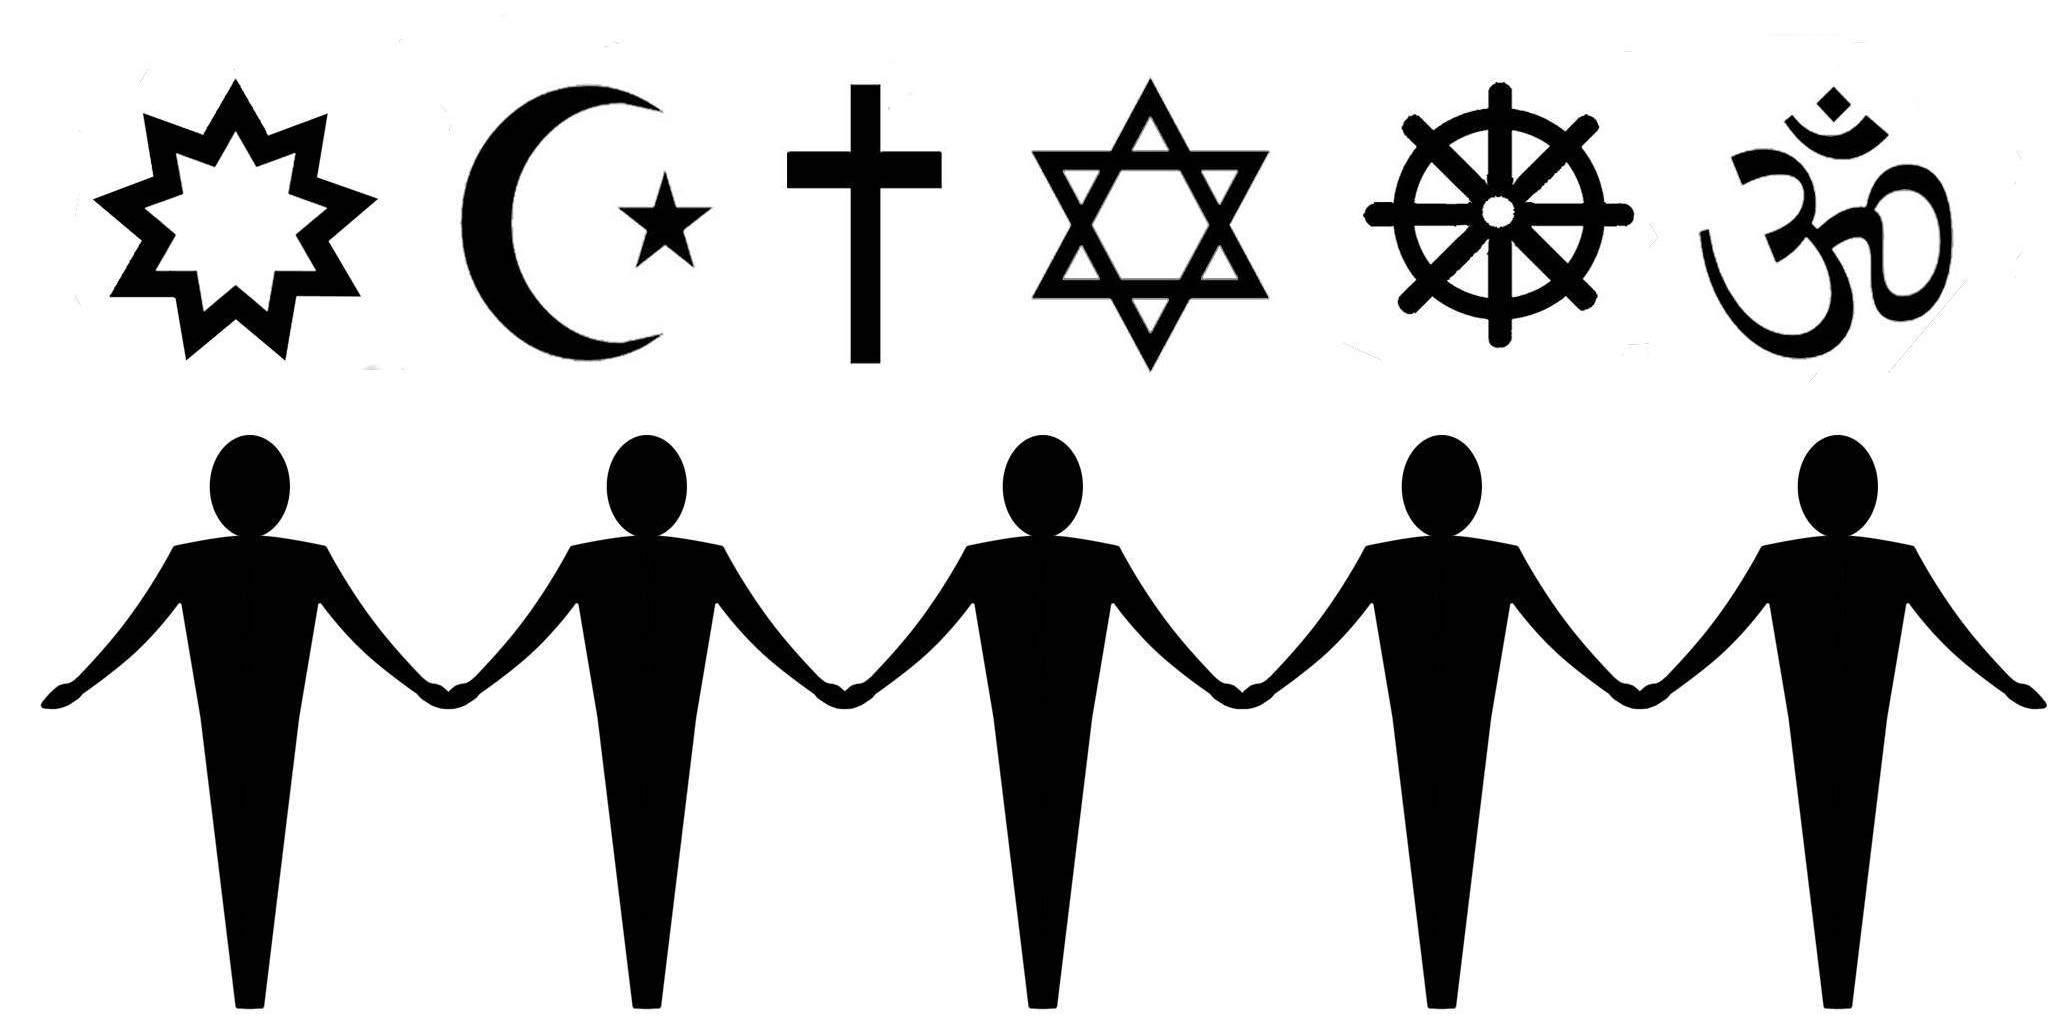 مفهوم حرية الإعتقاد في الإسلام … بقلم: نوال حامد الطيب